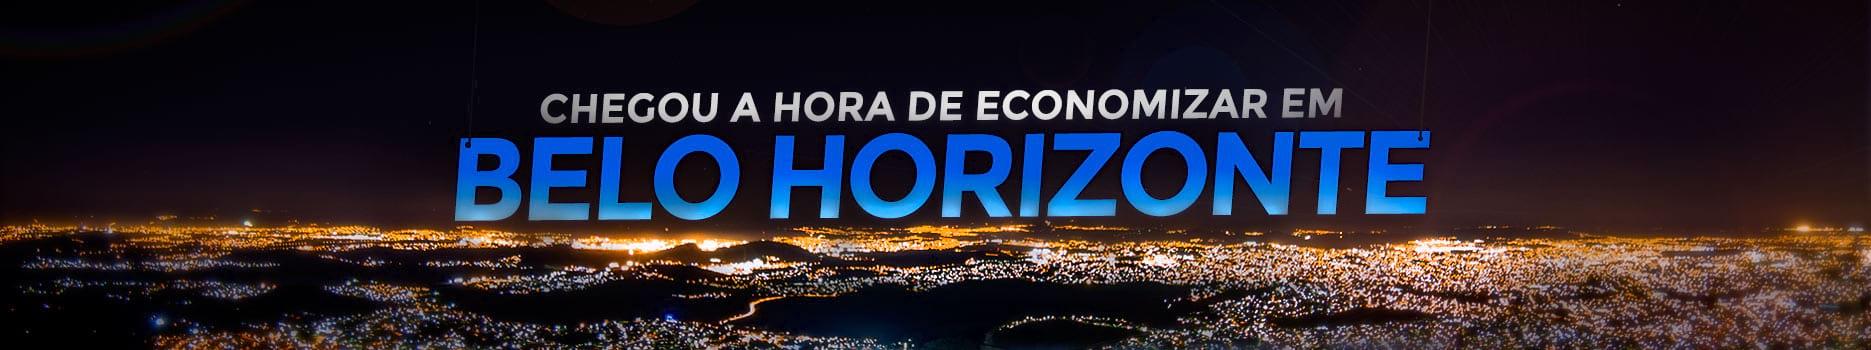 Ativação - Belo Horizonte